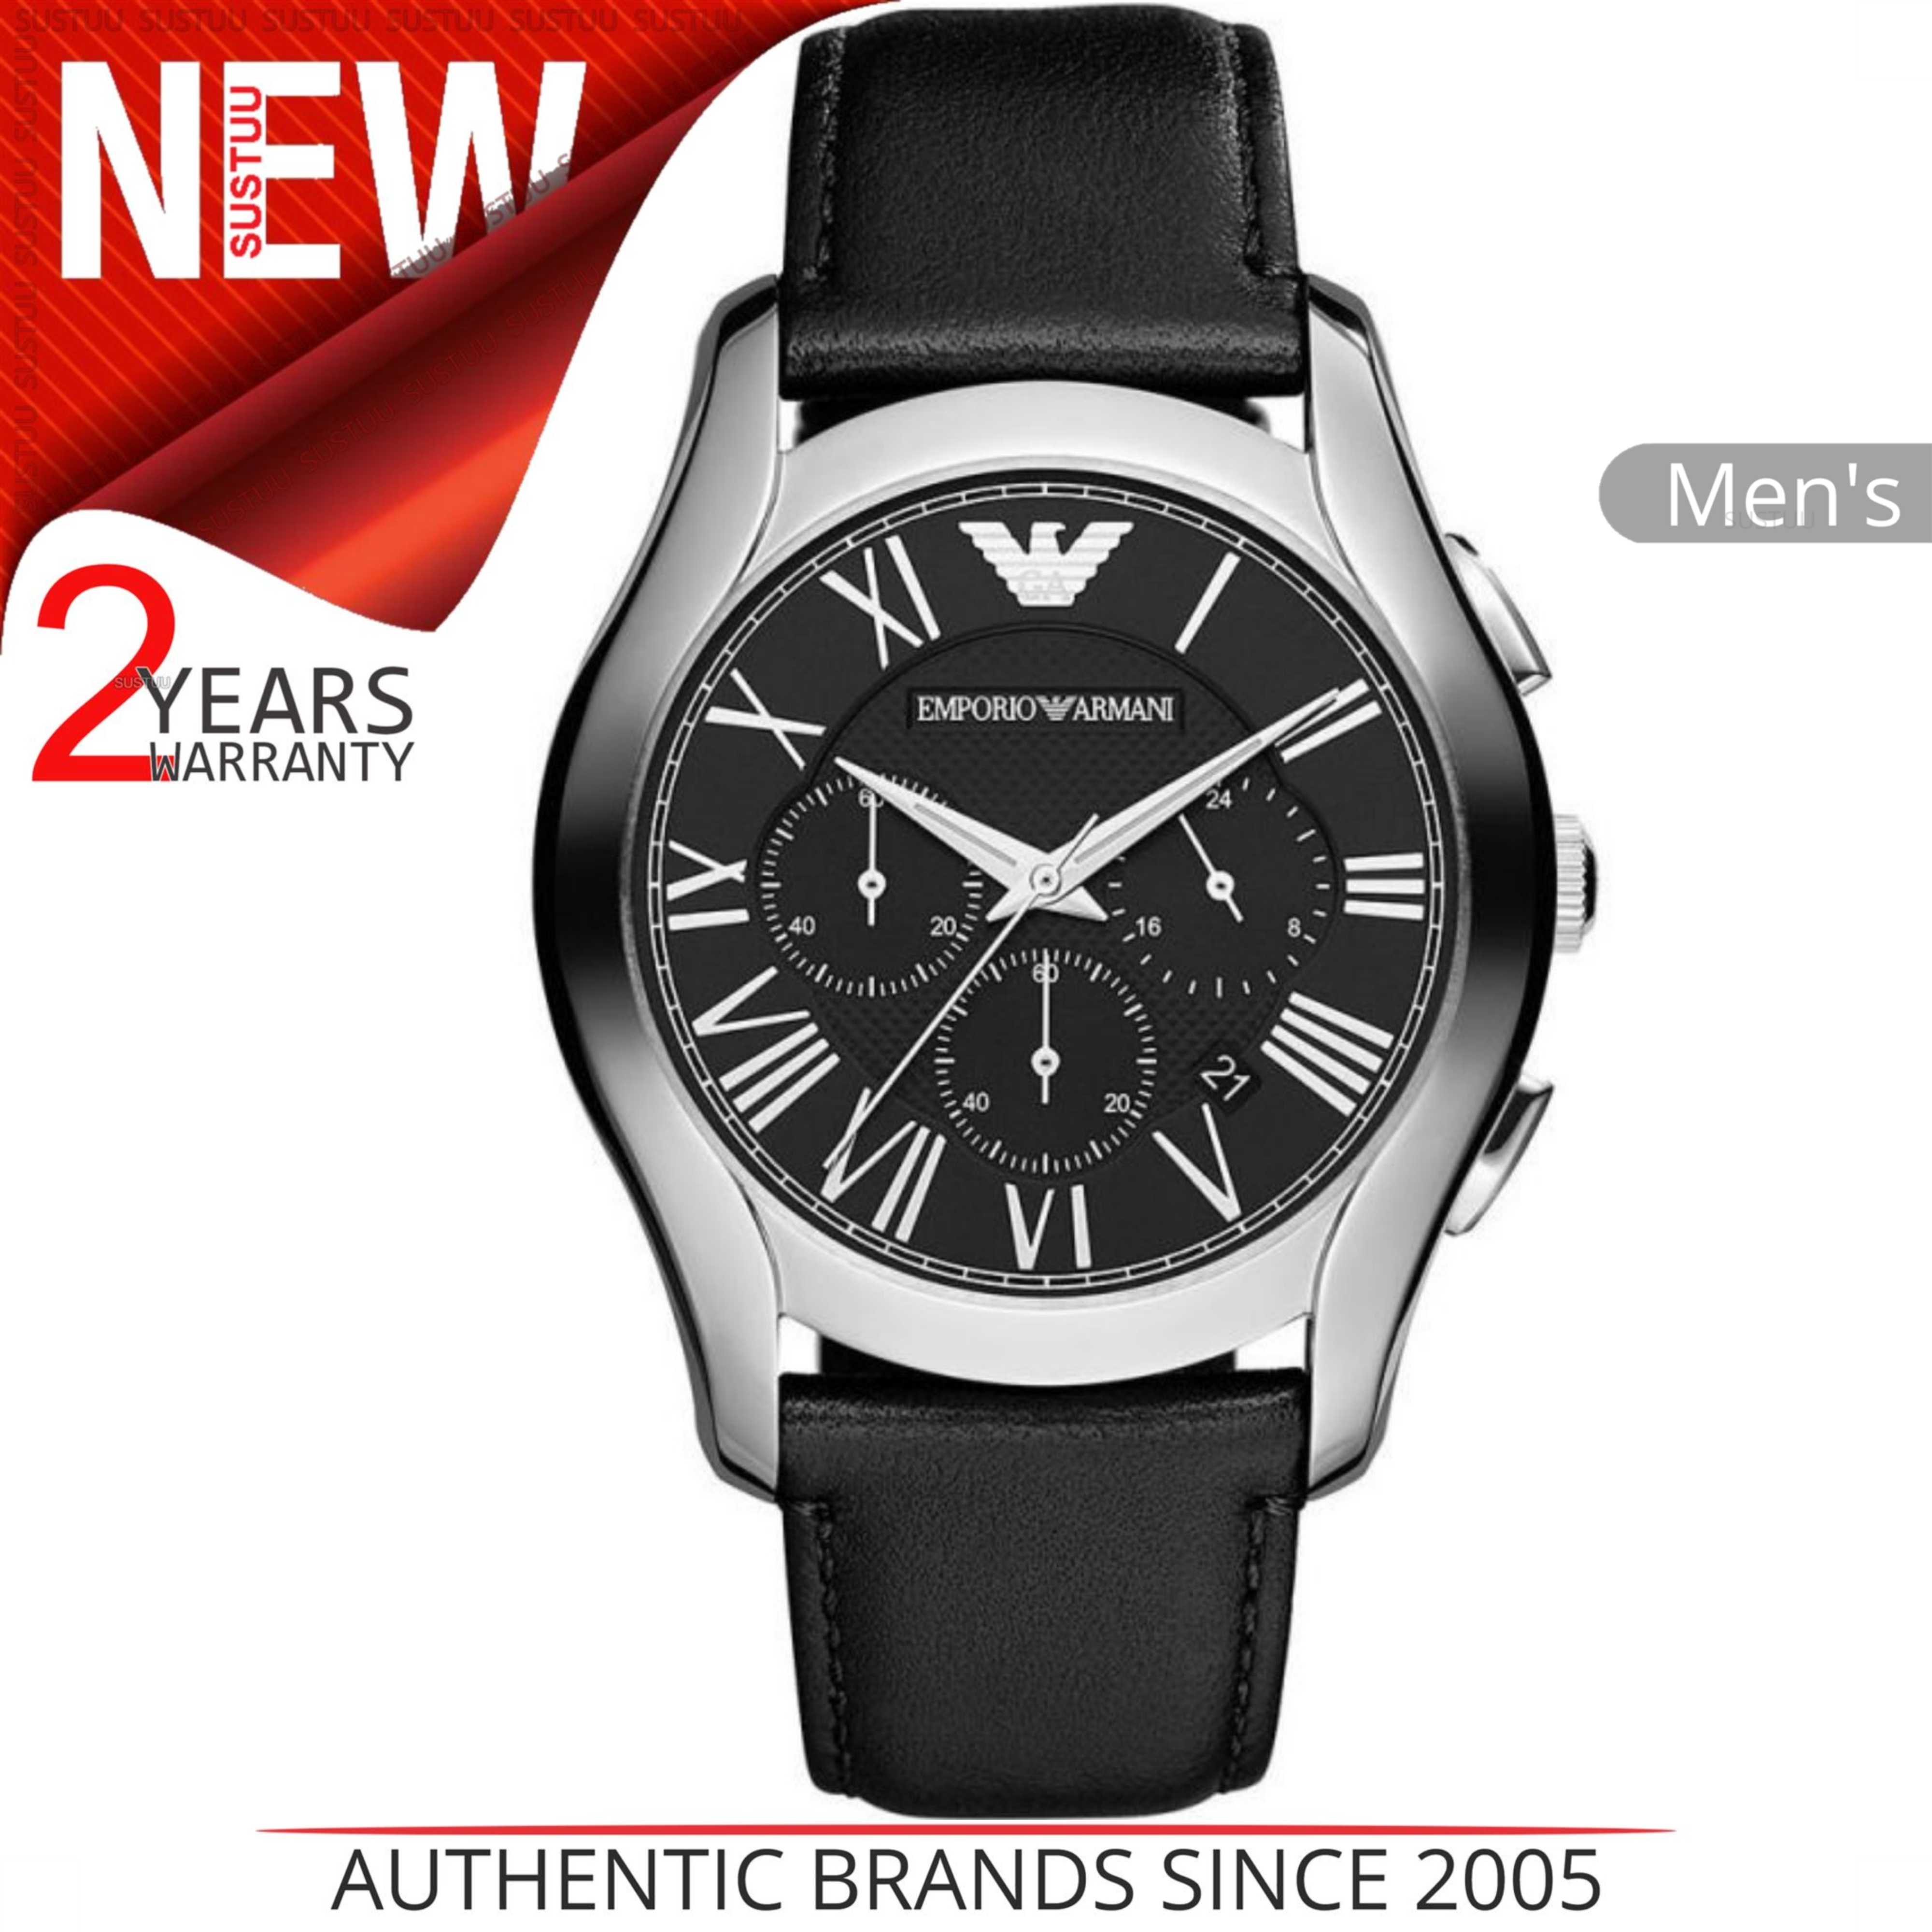 7575fa7f7ea4 CENTINELA Reloj Emporio Armani Classic para hombre AR1700│ Cronógrafo  Número romano│ Dial negro